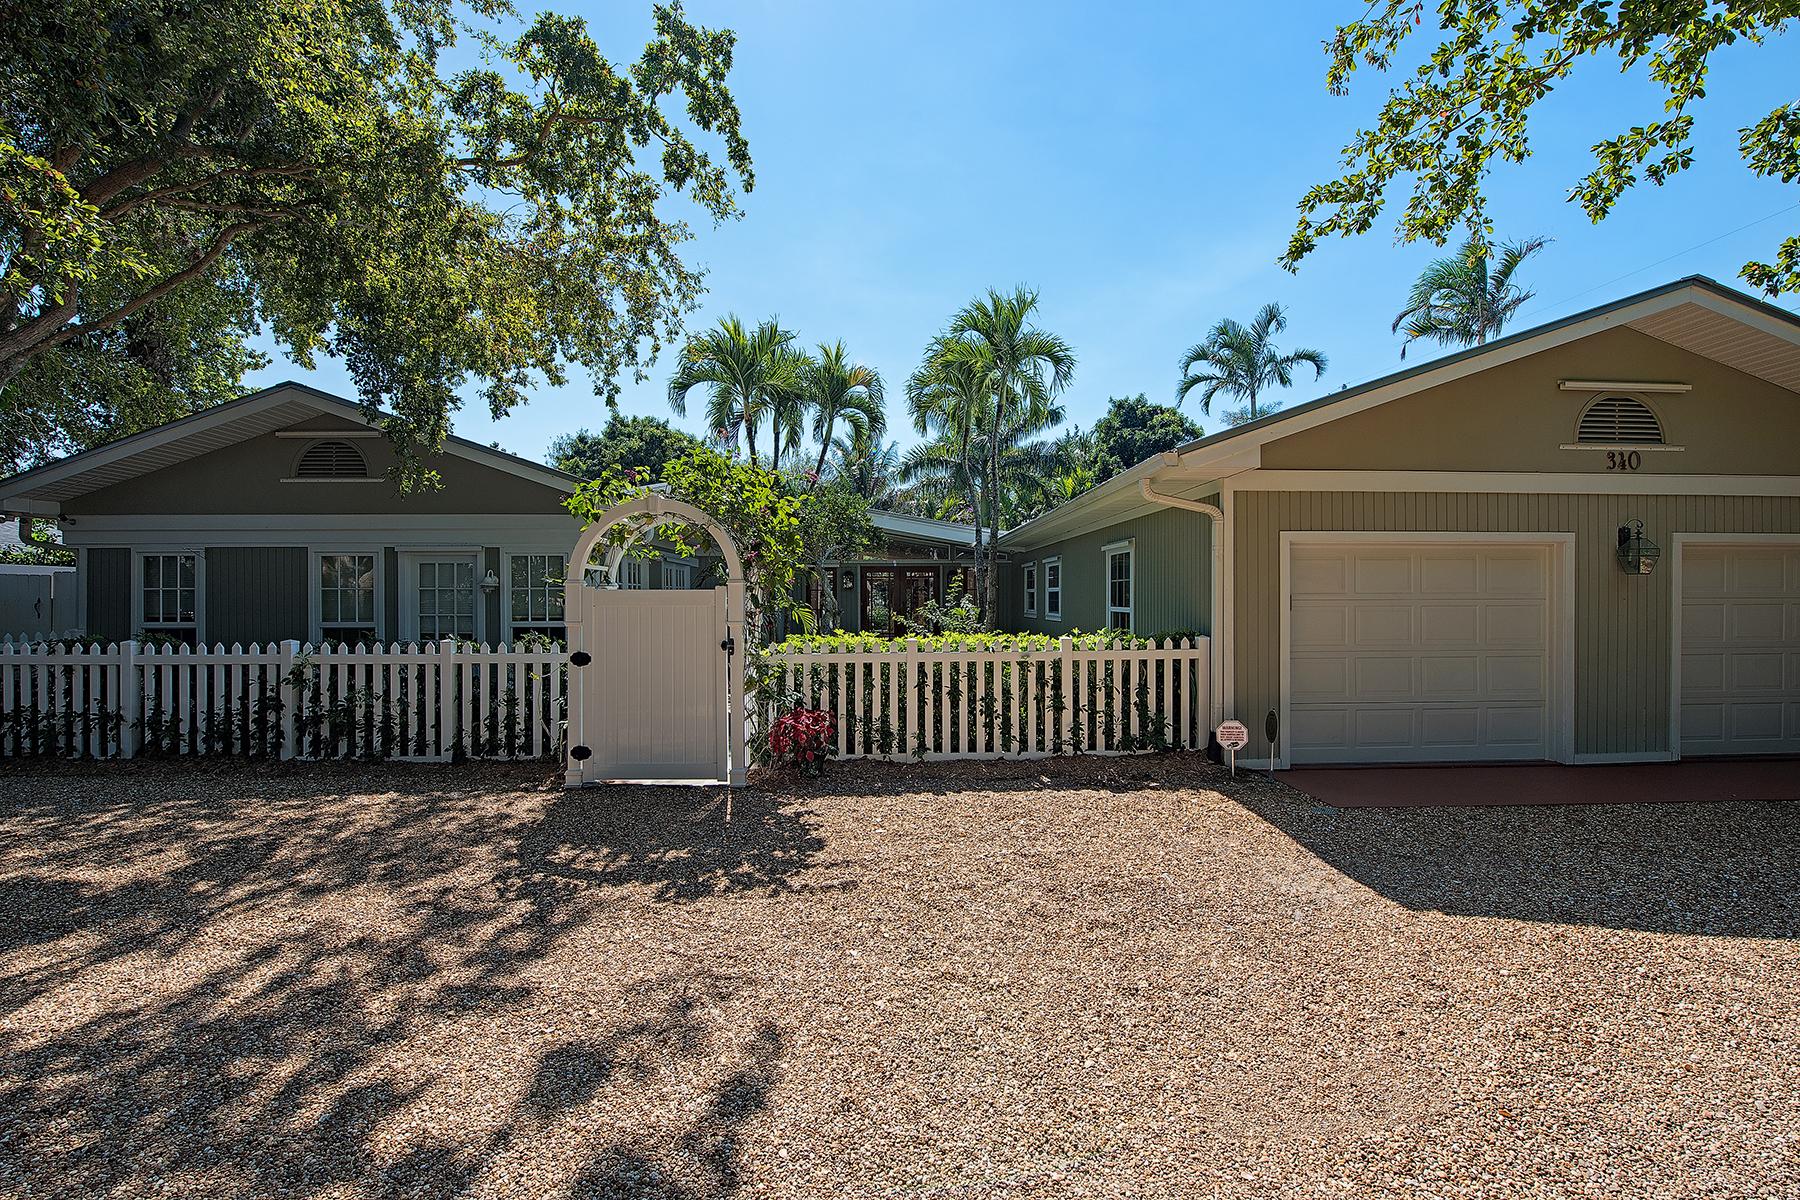 Casa Unifamiliar por un Venta en OLDE NAPLES 340 7th Ave N Naples, Florida, 34102 Estados Unidos